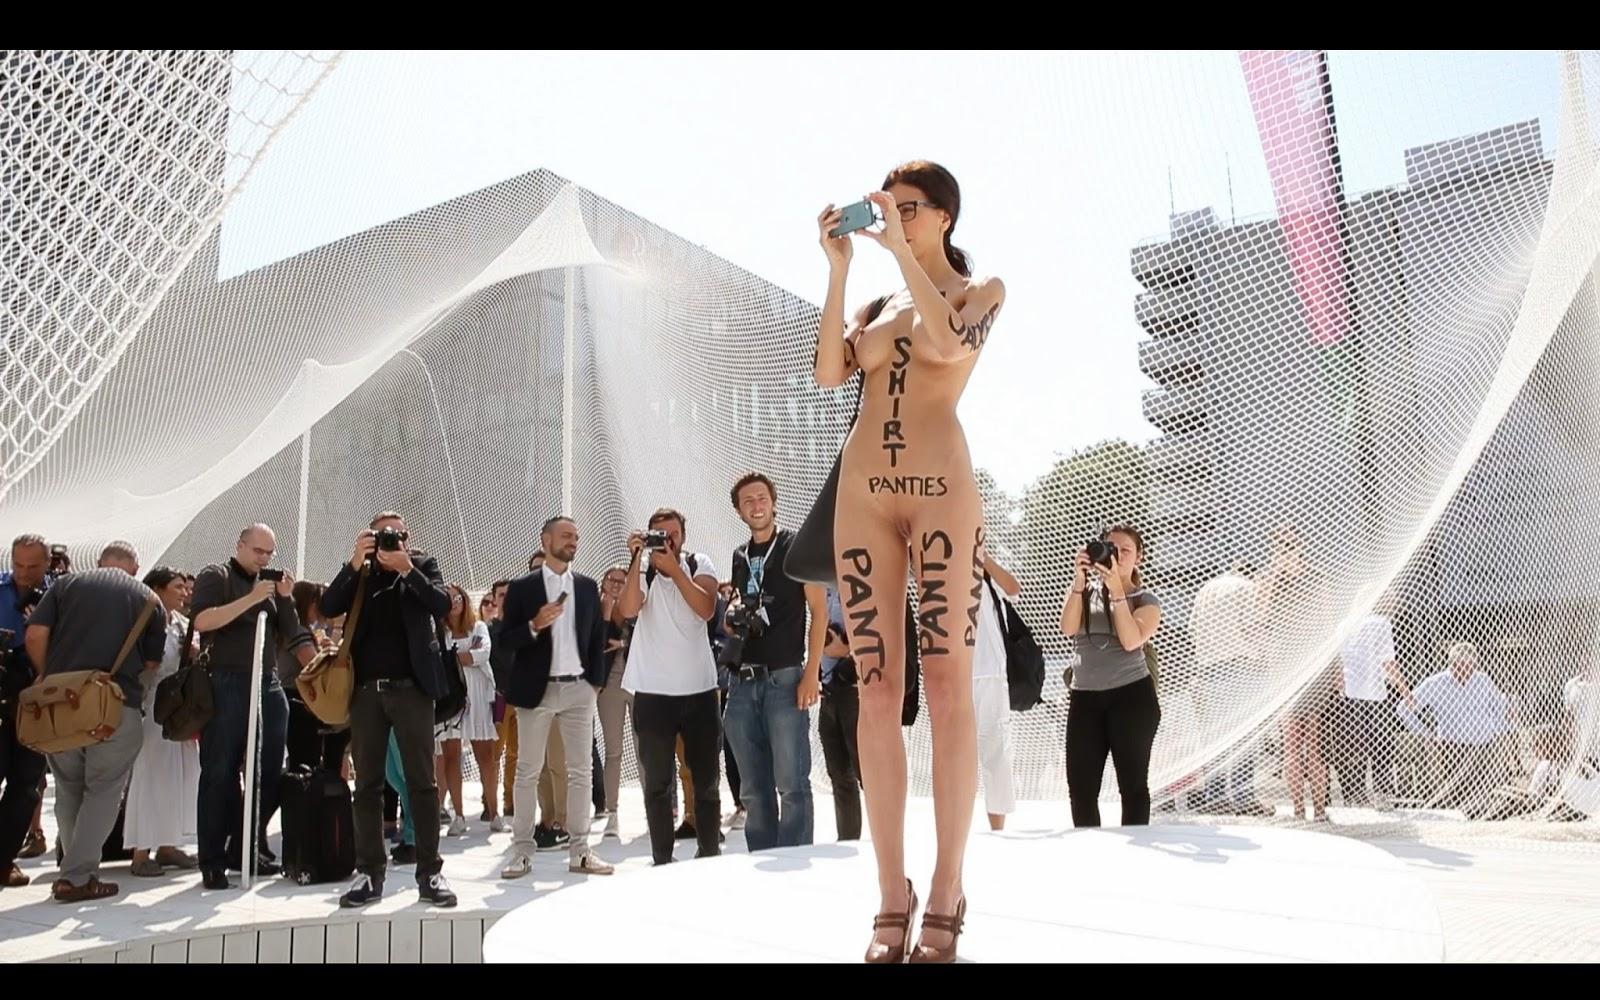 naked performance art